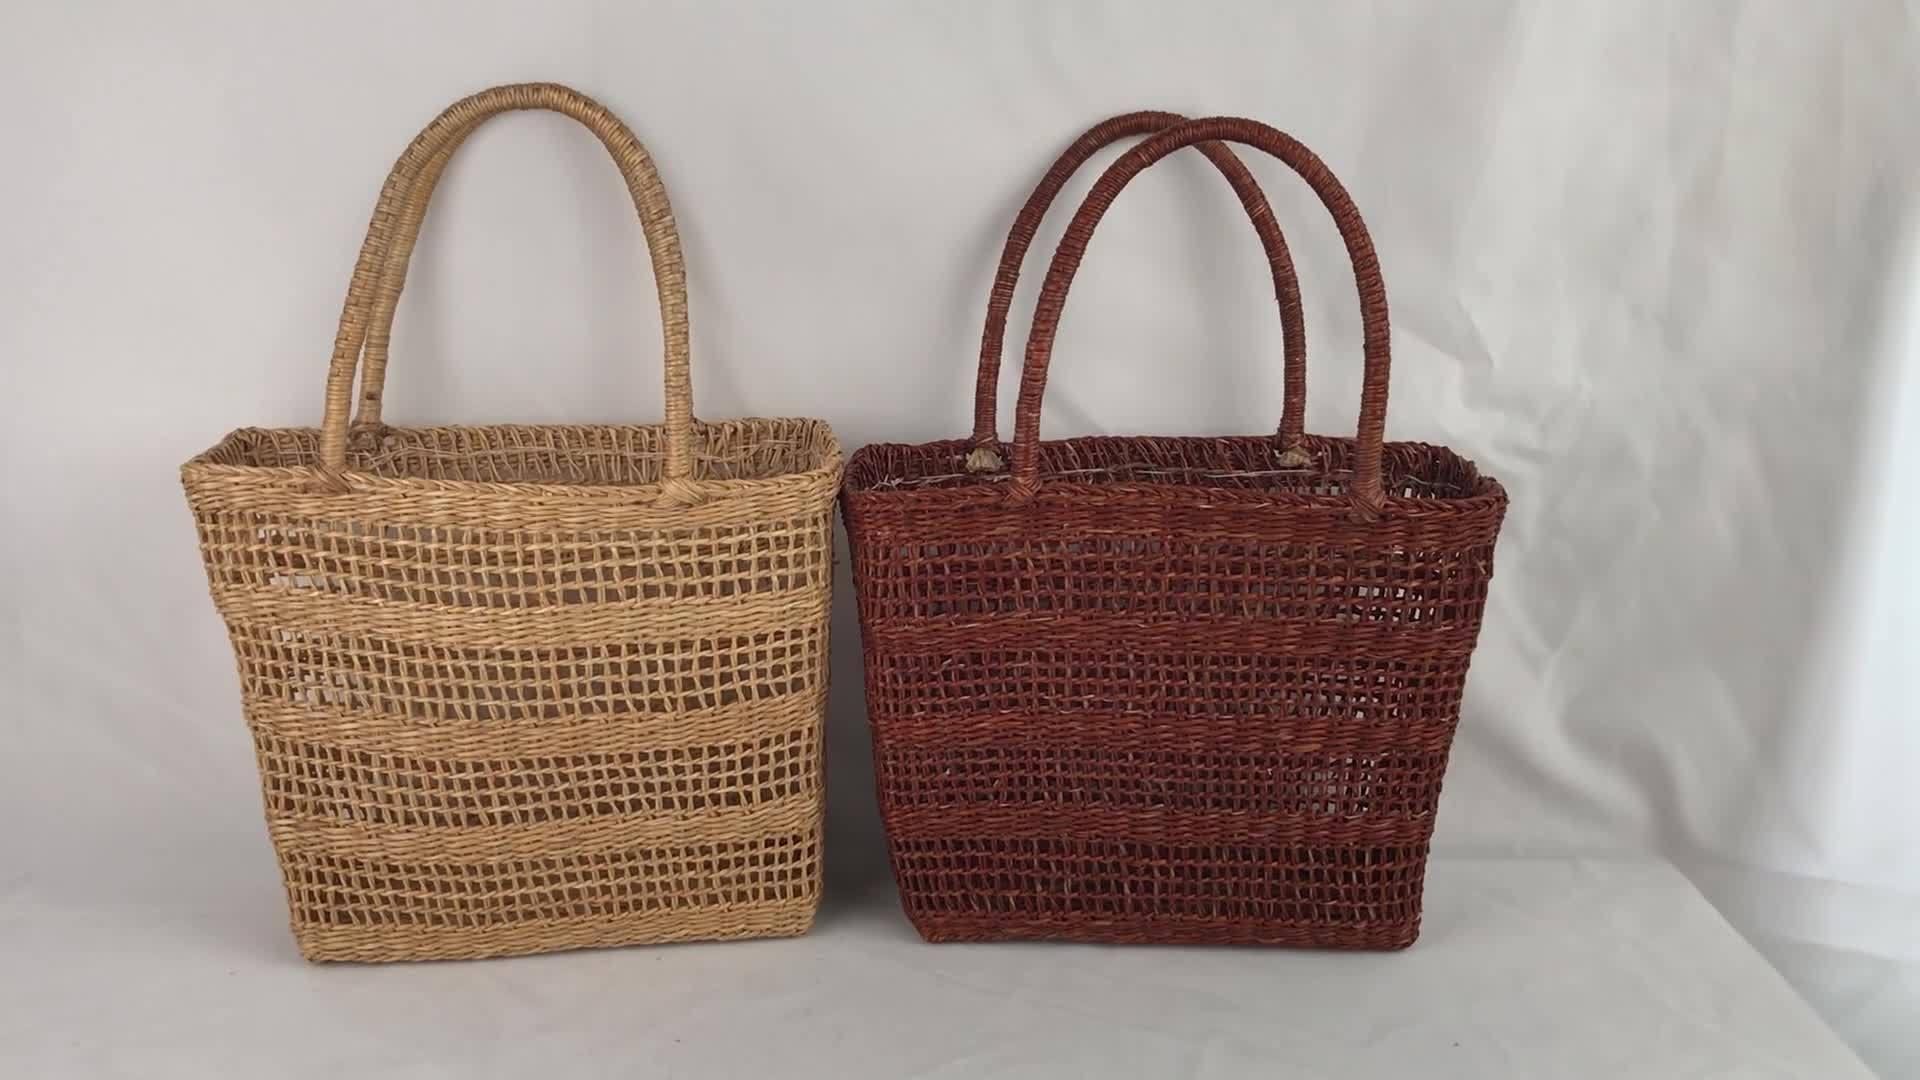 Cesta de palha Bolsas Caros Senhores Tote Bag Fashion cor amarelo palha Bag Sacola de Compras